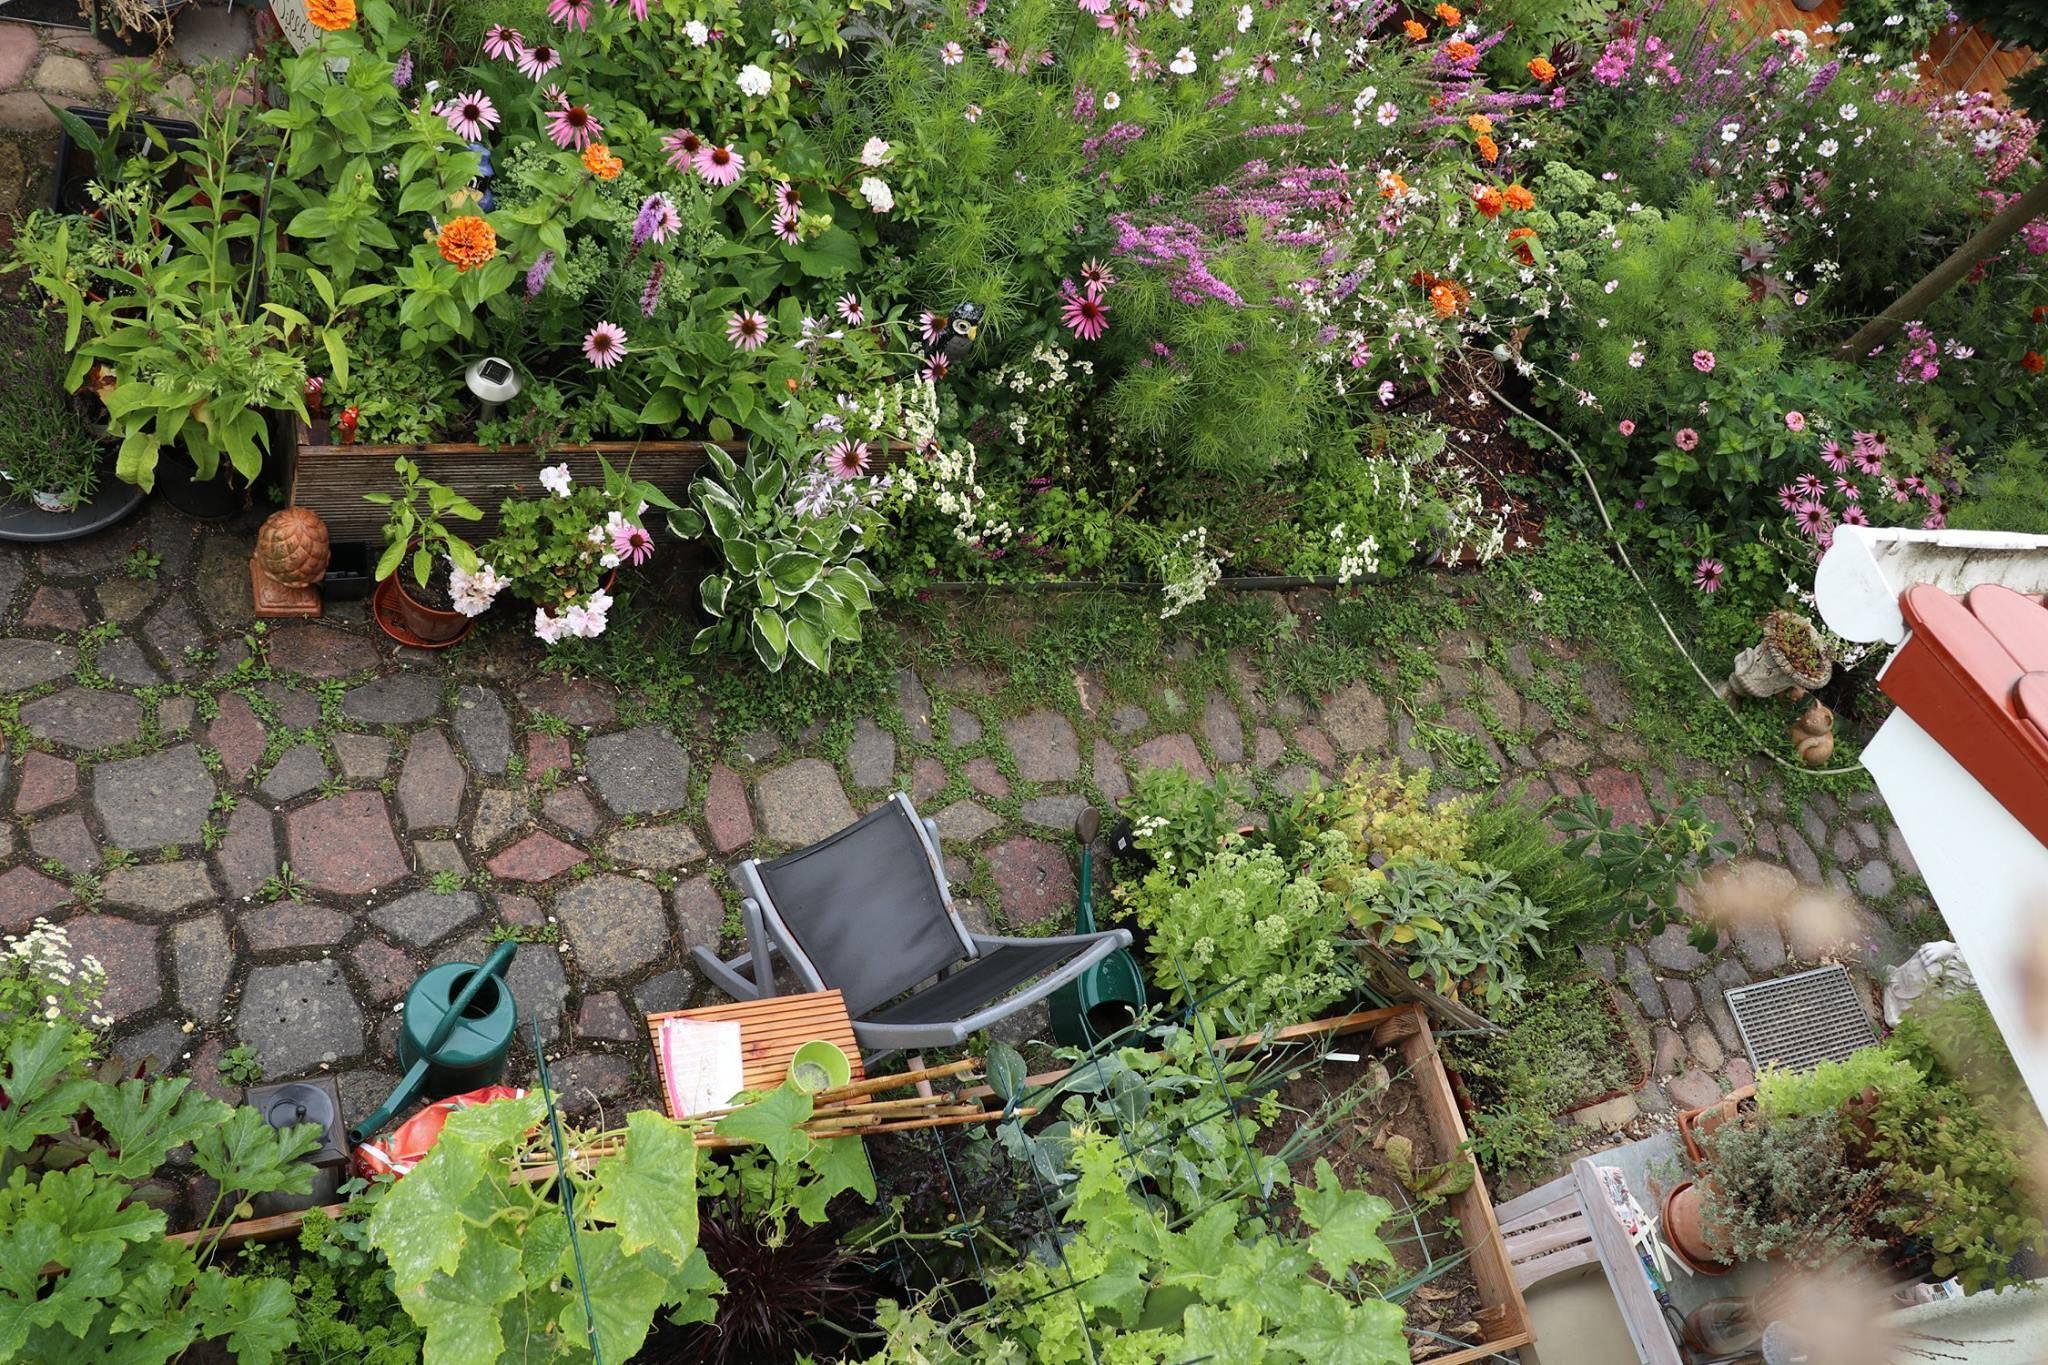 Hochbeet anlegen befuellen bepflanzen tipps - Balkongarten anlegen ...